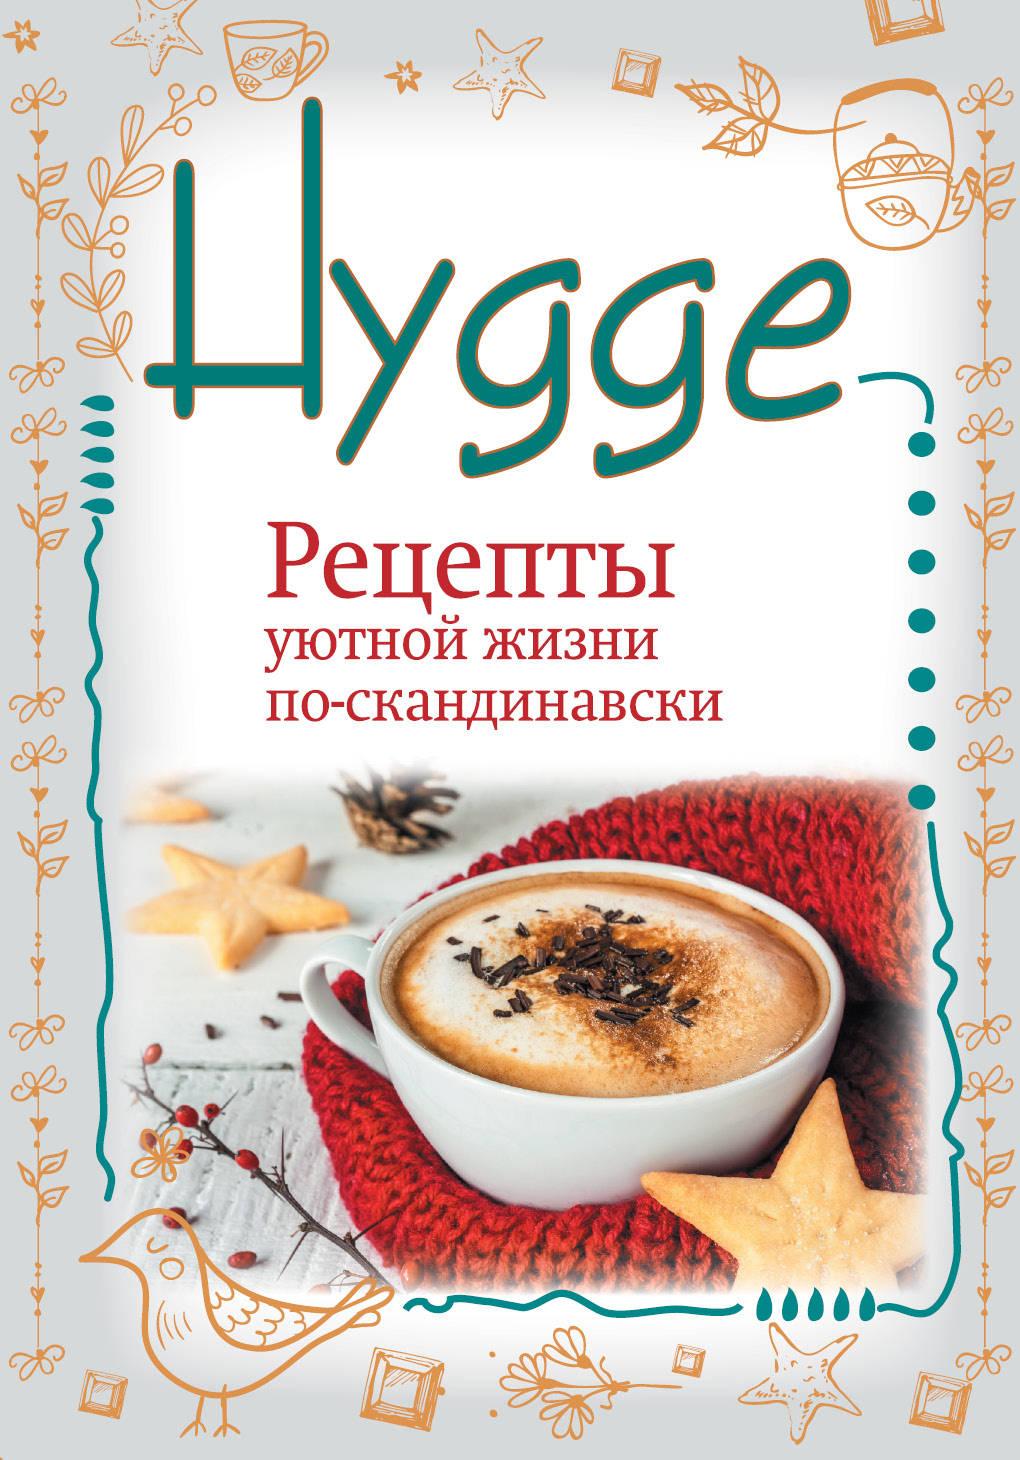 Hygge. Счастье в простоте! Рецепты уютной жизни по-скандинавски